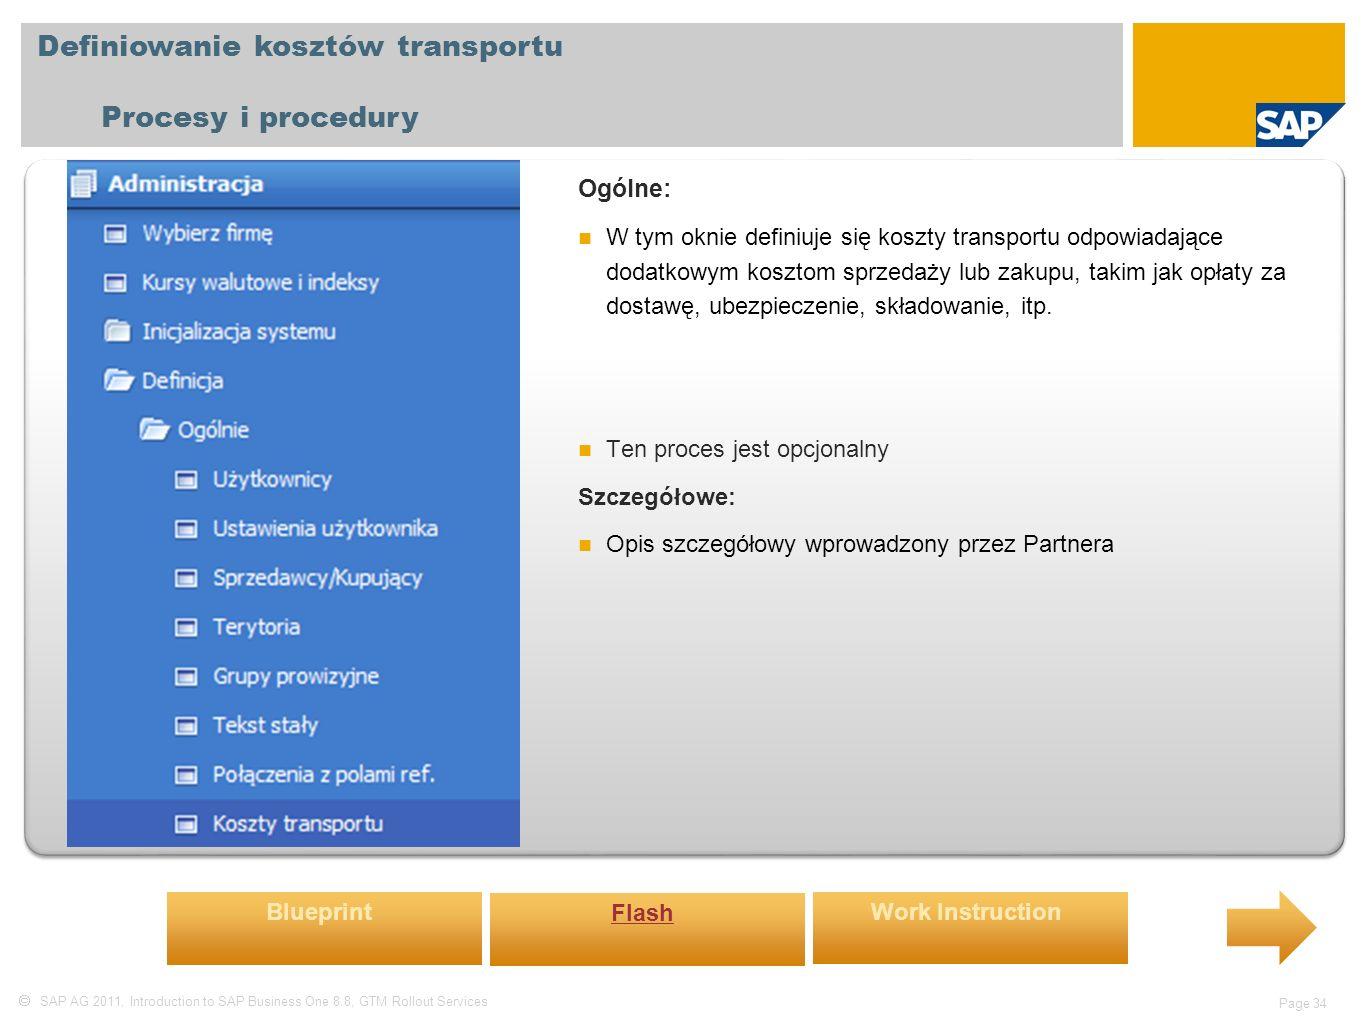  SAP AG 2011, Introduction to SAP Business One 8.8, GTM Rollout Services Page 34 Definiowanie kosztów transportu Procesy i procedury Ogólne: W tym oknie definiuje się koszty transportu odpowiadające dodatkowym kosztom sprzedaży lub zakupu, takim jak opłaty za dostawę, ubezpieczenie, składowanie, itp.